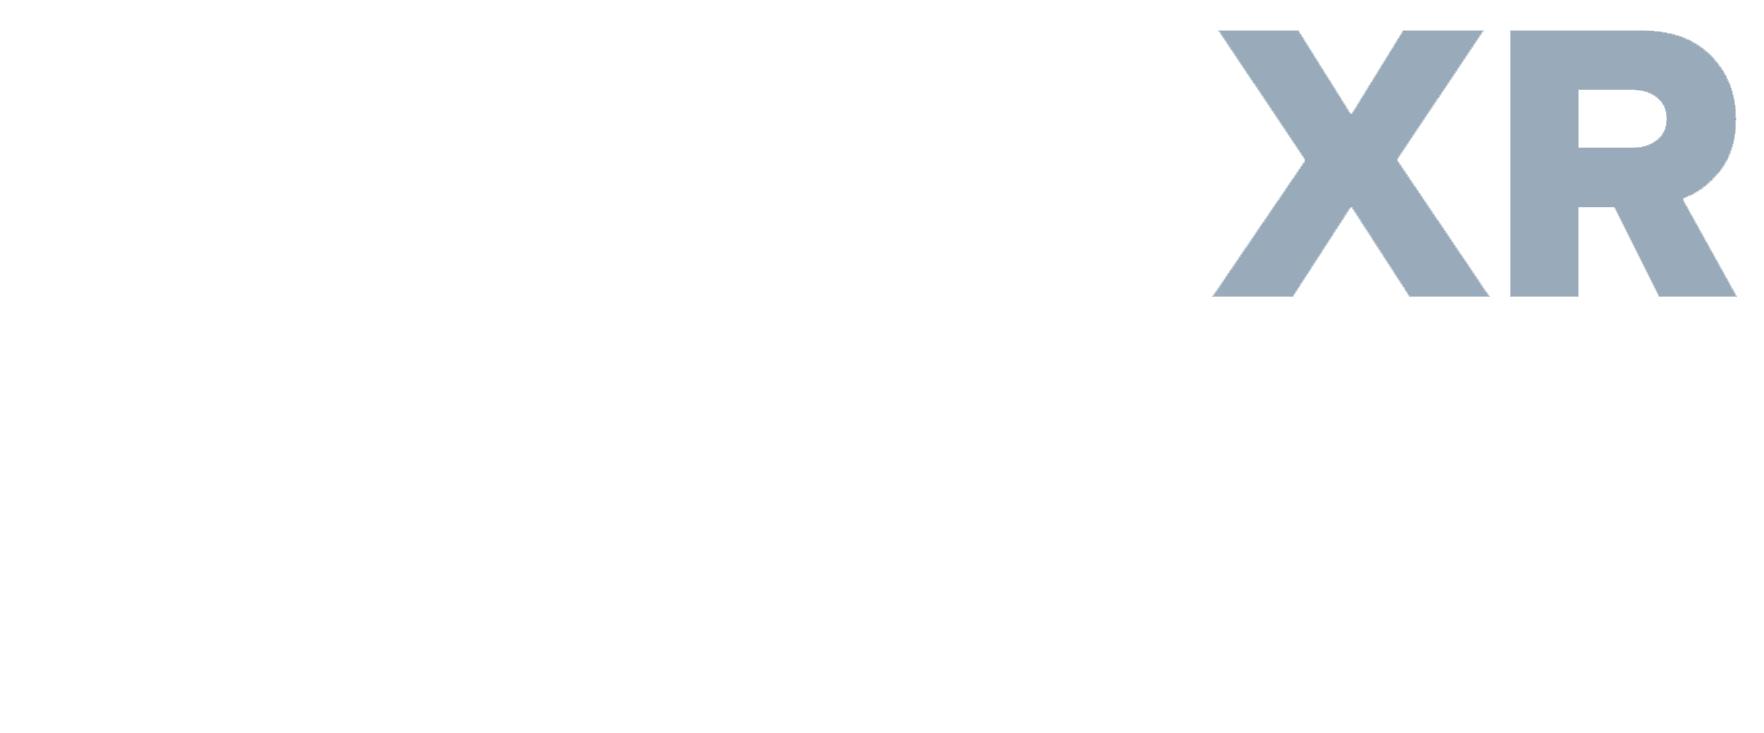 GIGXR